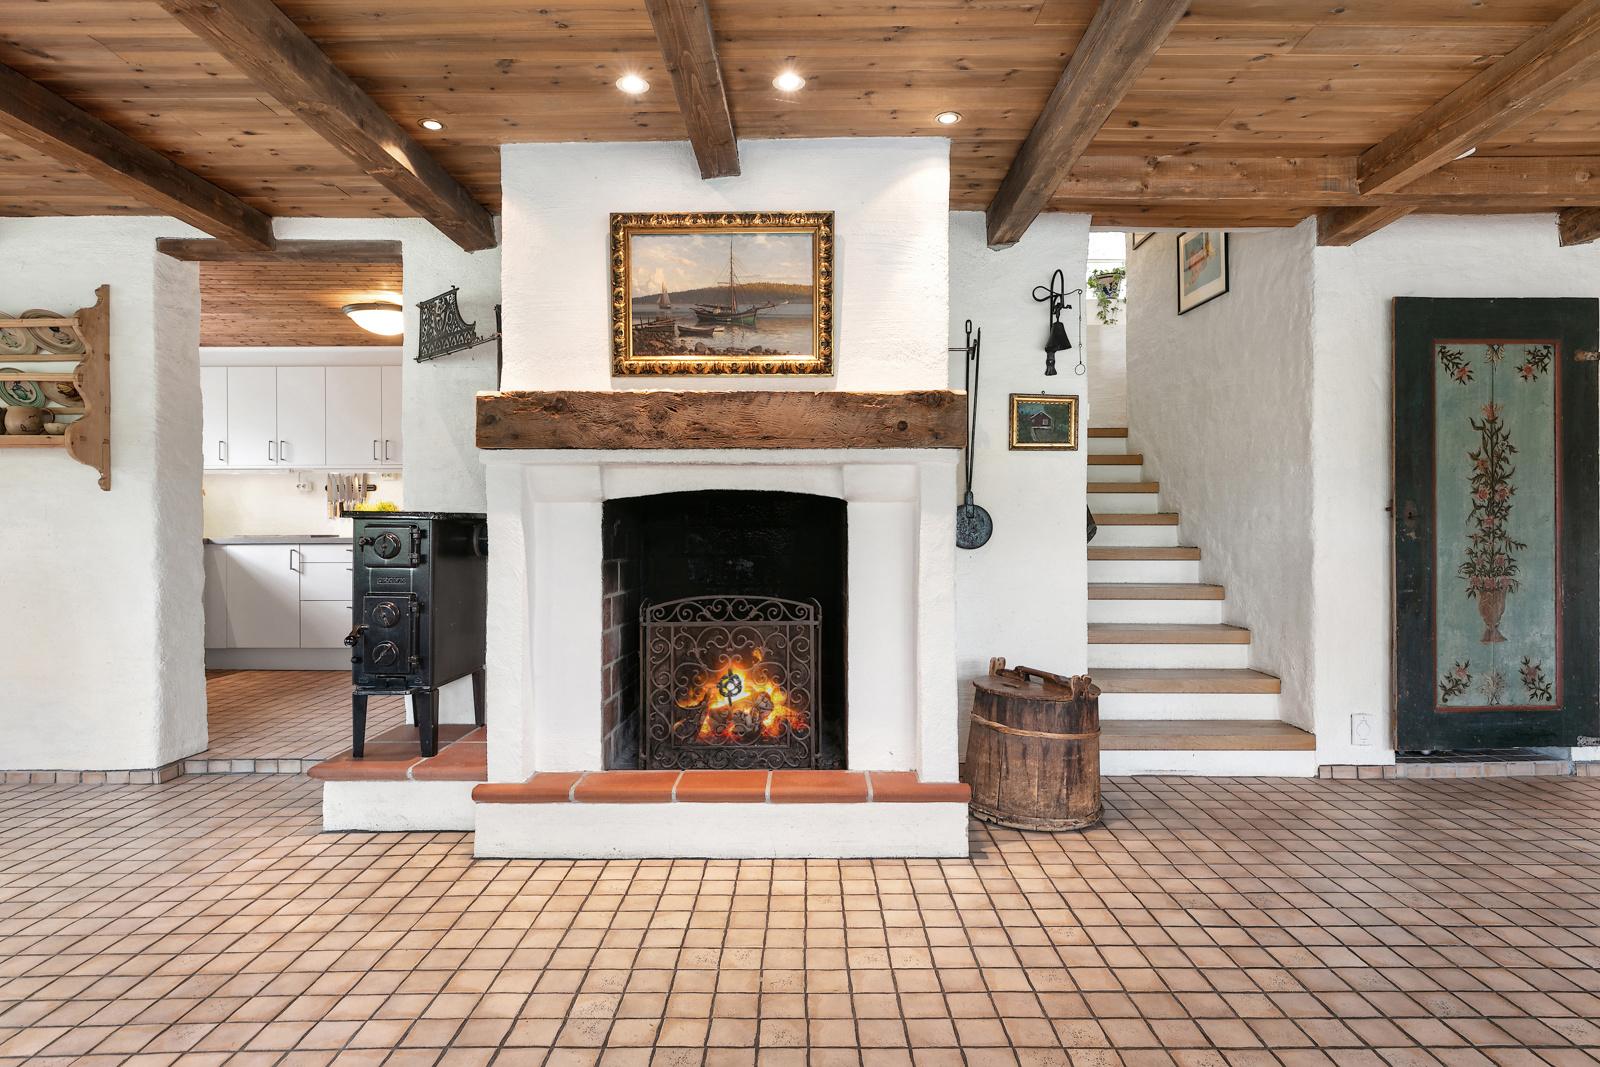 Åpen peis, inngang til kjøkken og trapp opp til stue og 1 etasje